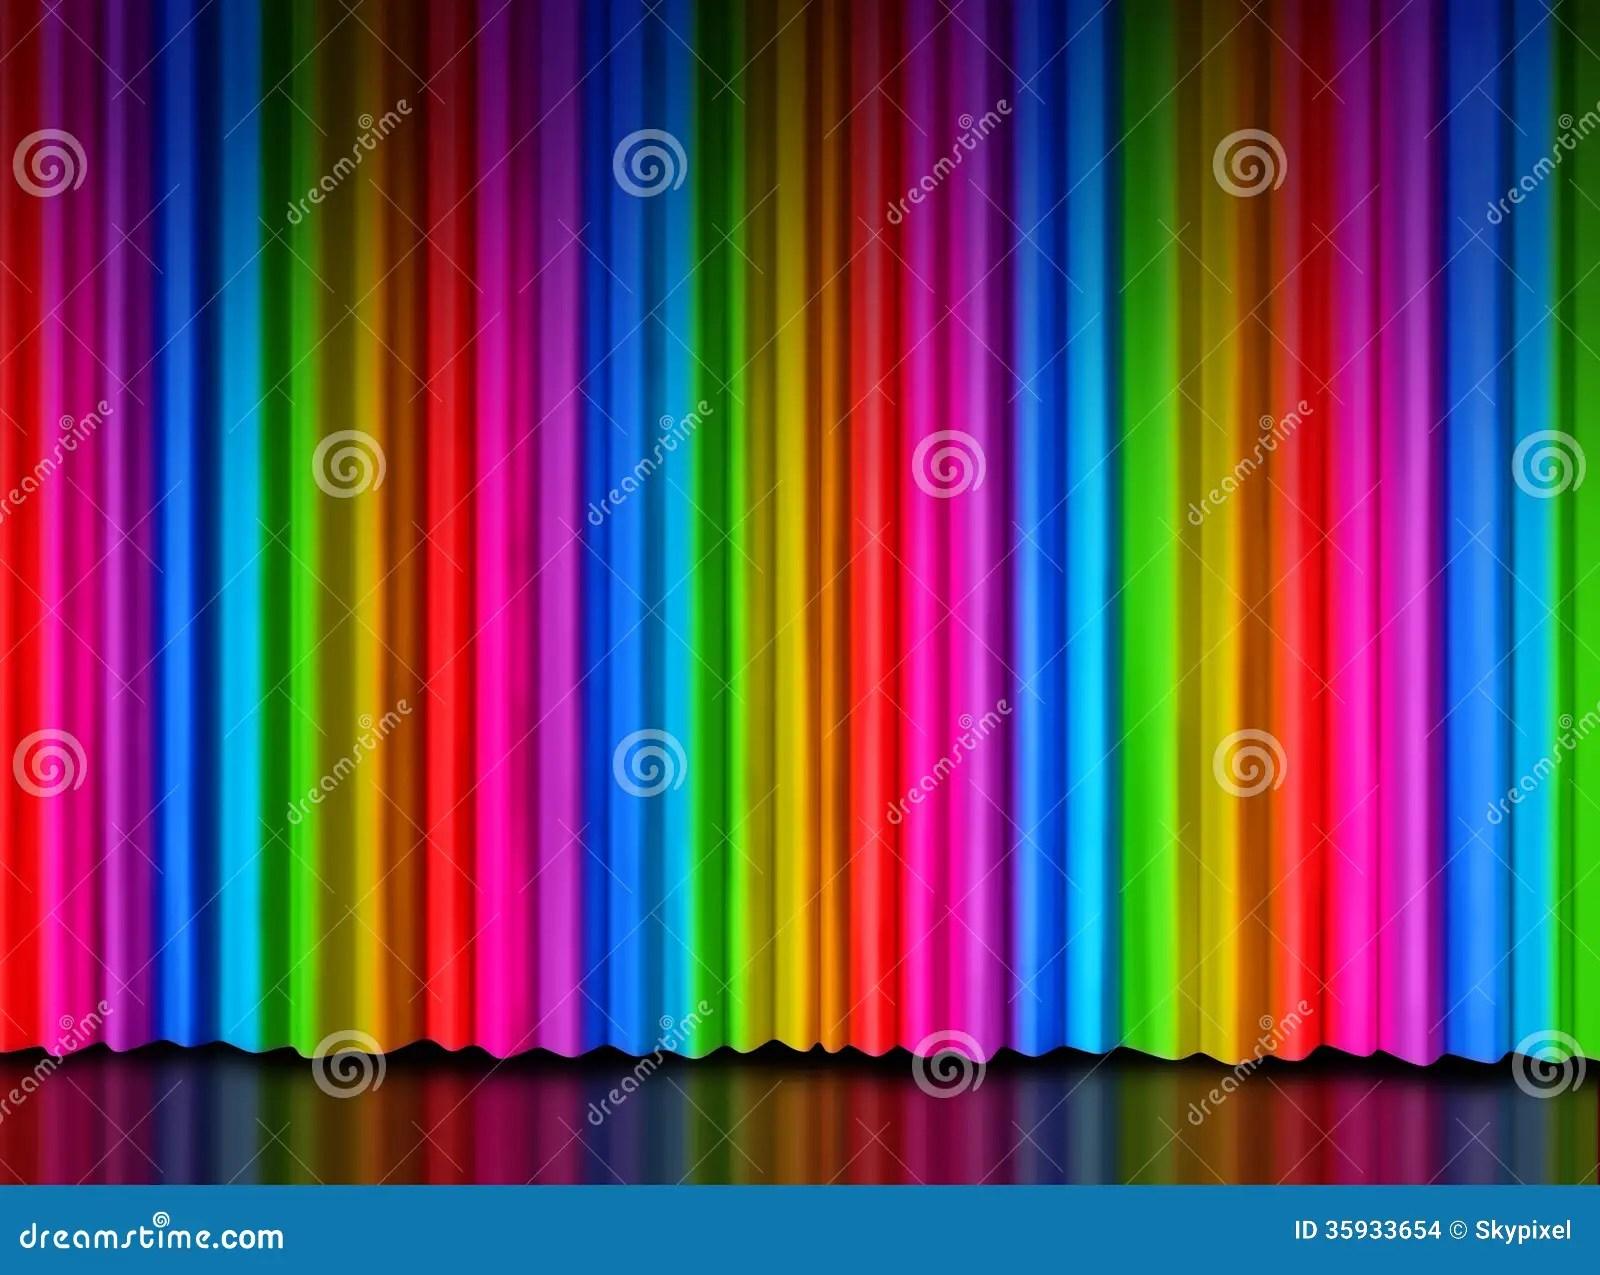 Rainbow Curtain On Theater Stage Stock Illustration